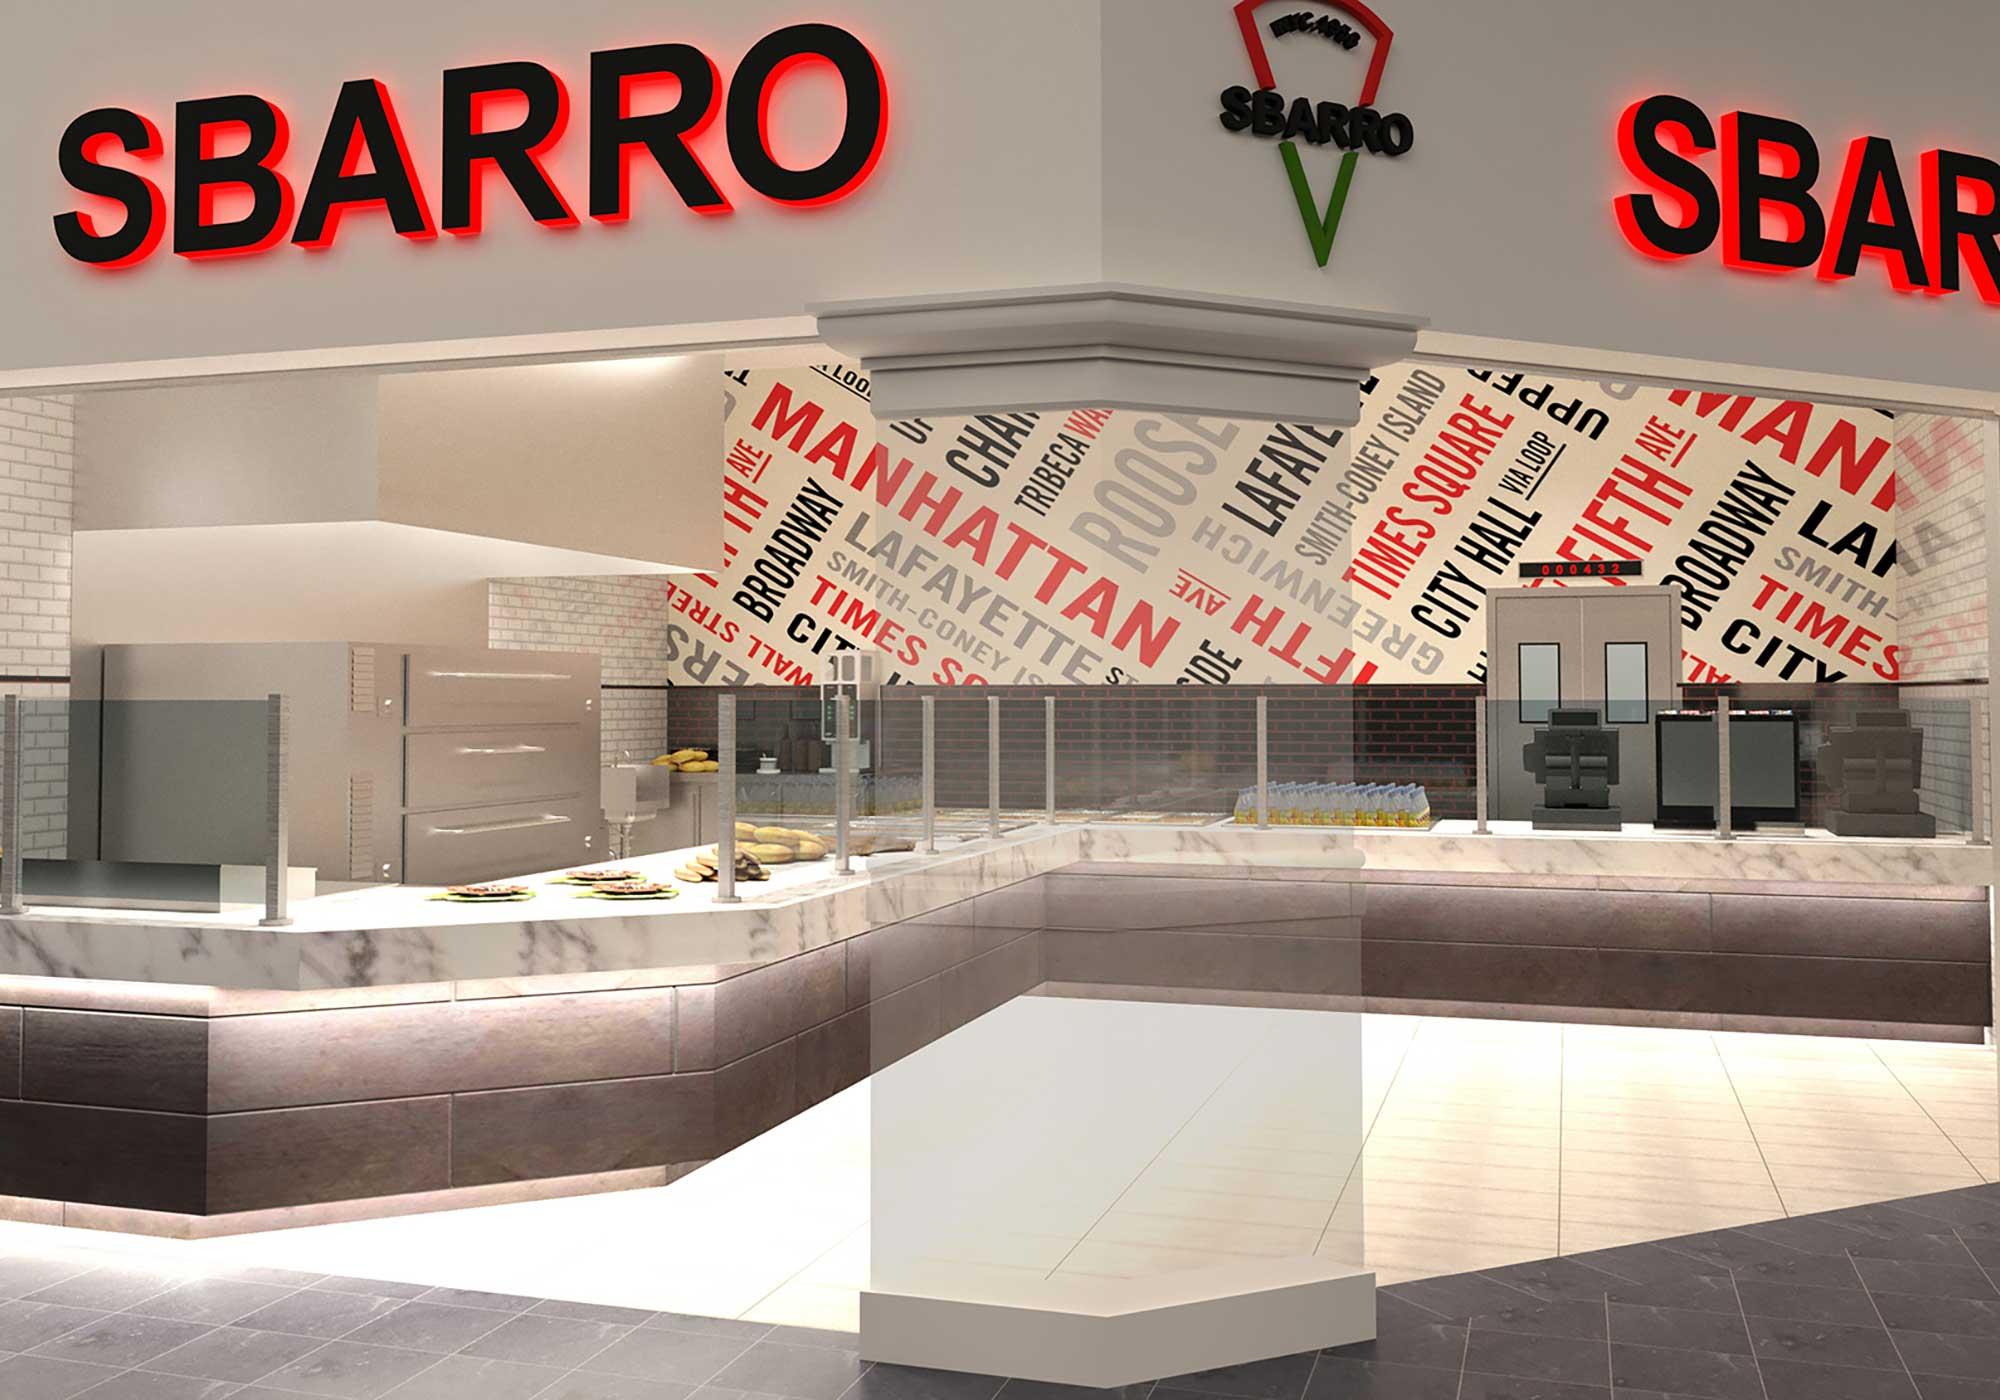 Rendering of Sbarro storefront